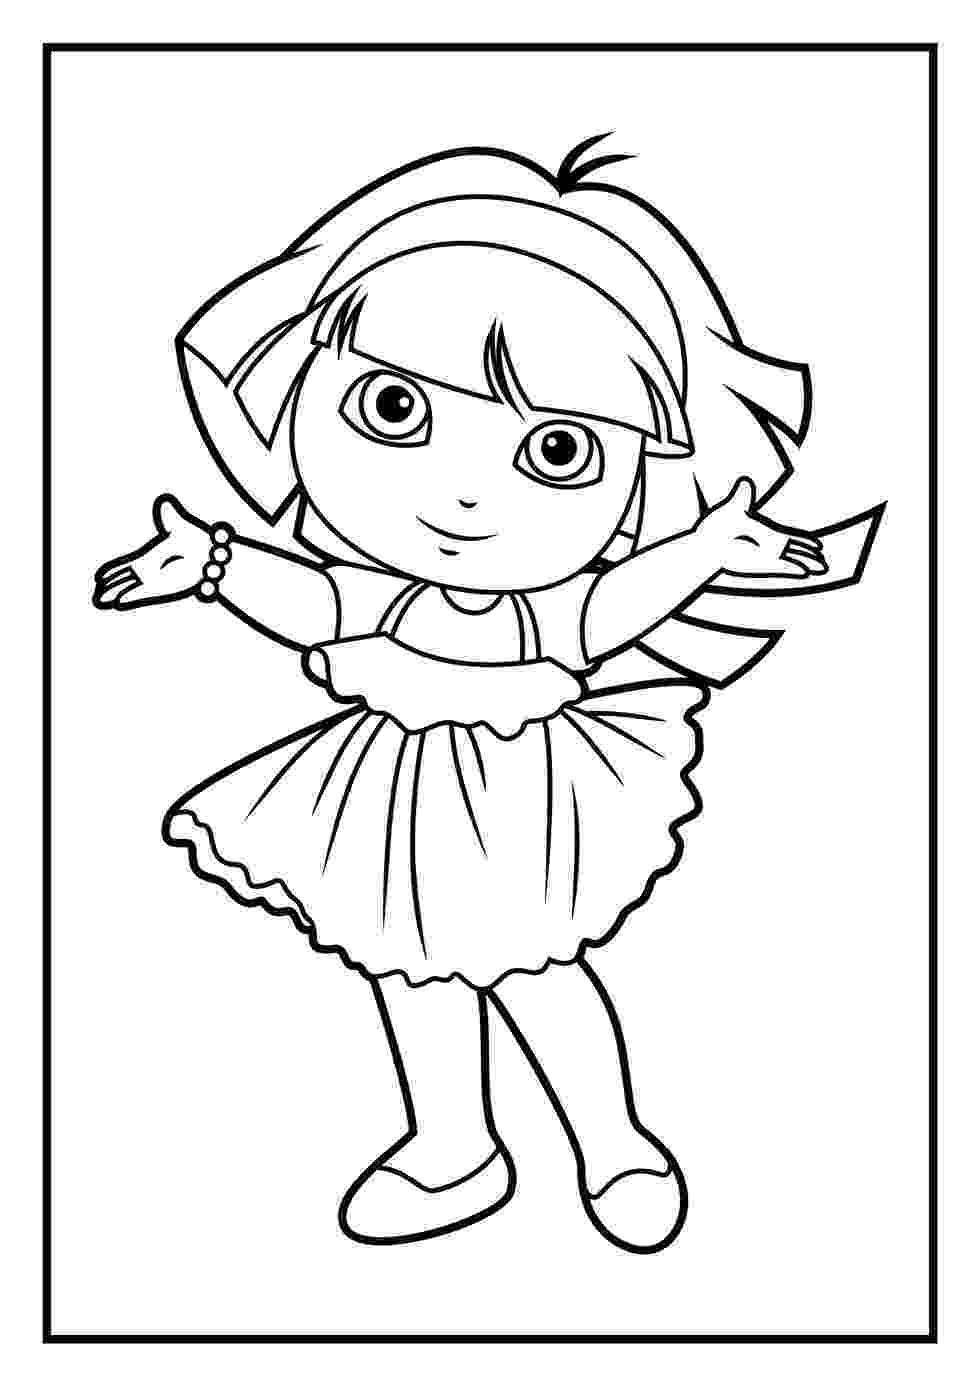 dora pics print dora printable s boots character451a coloring pages pics dora